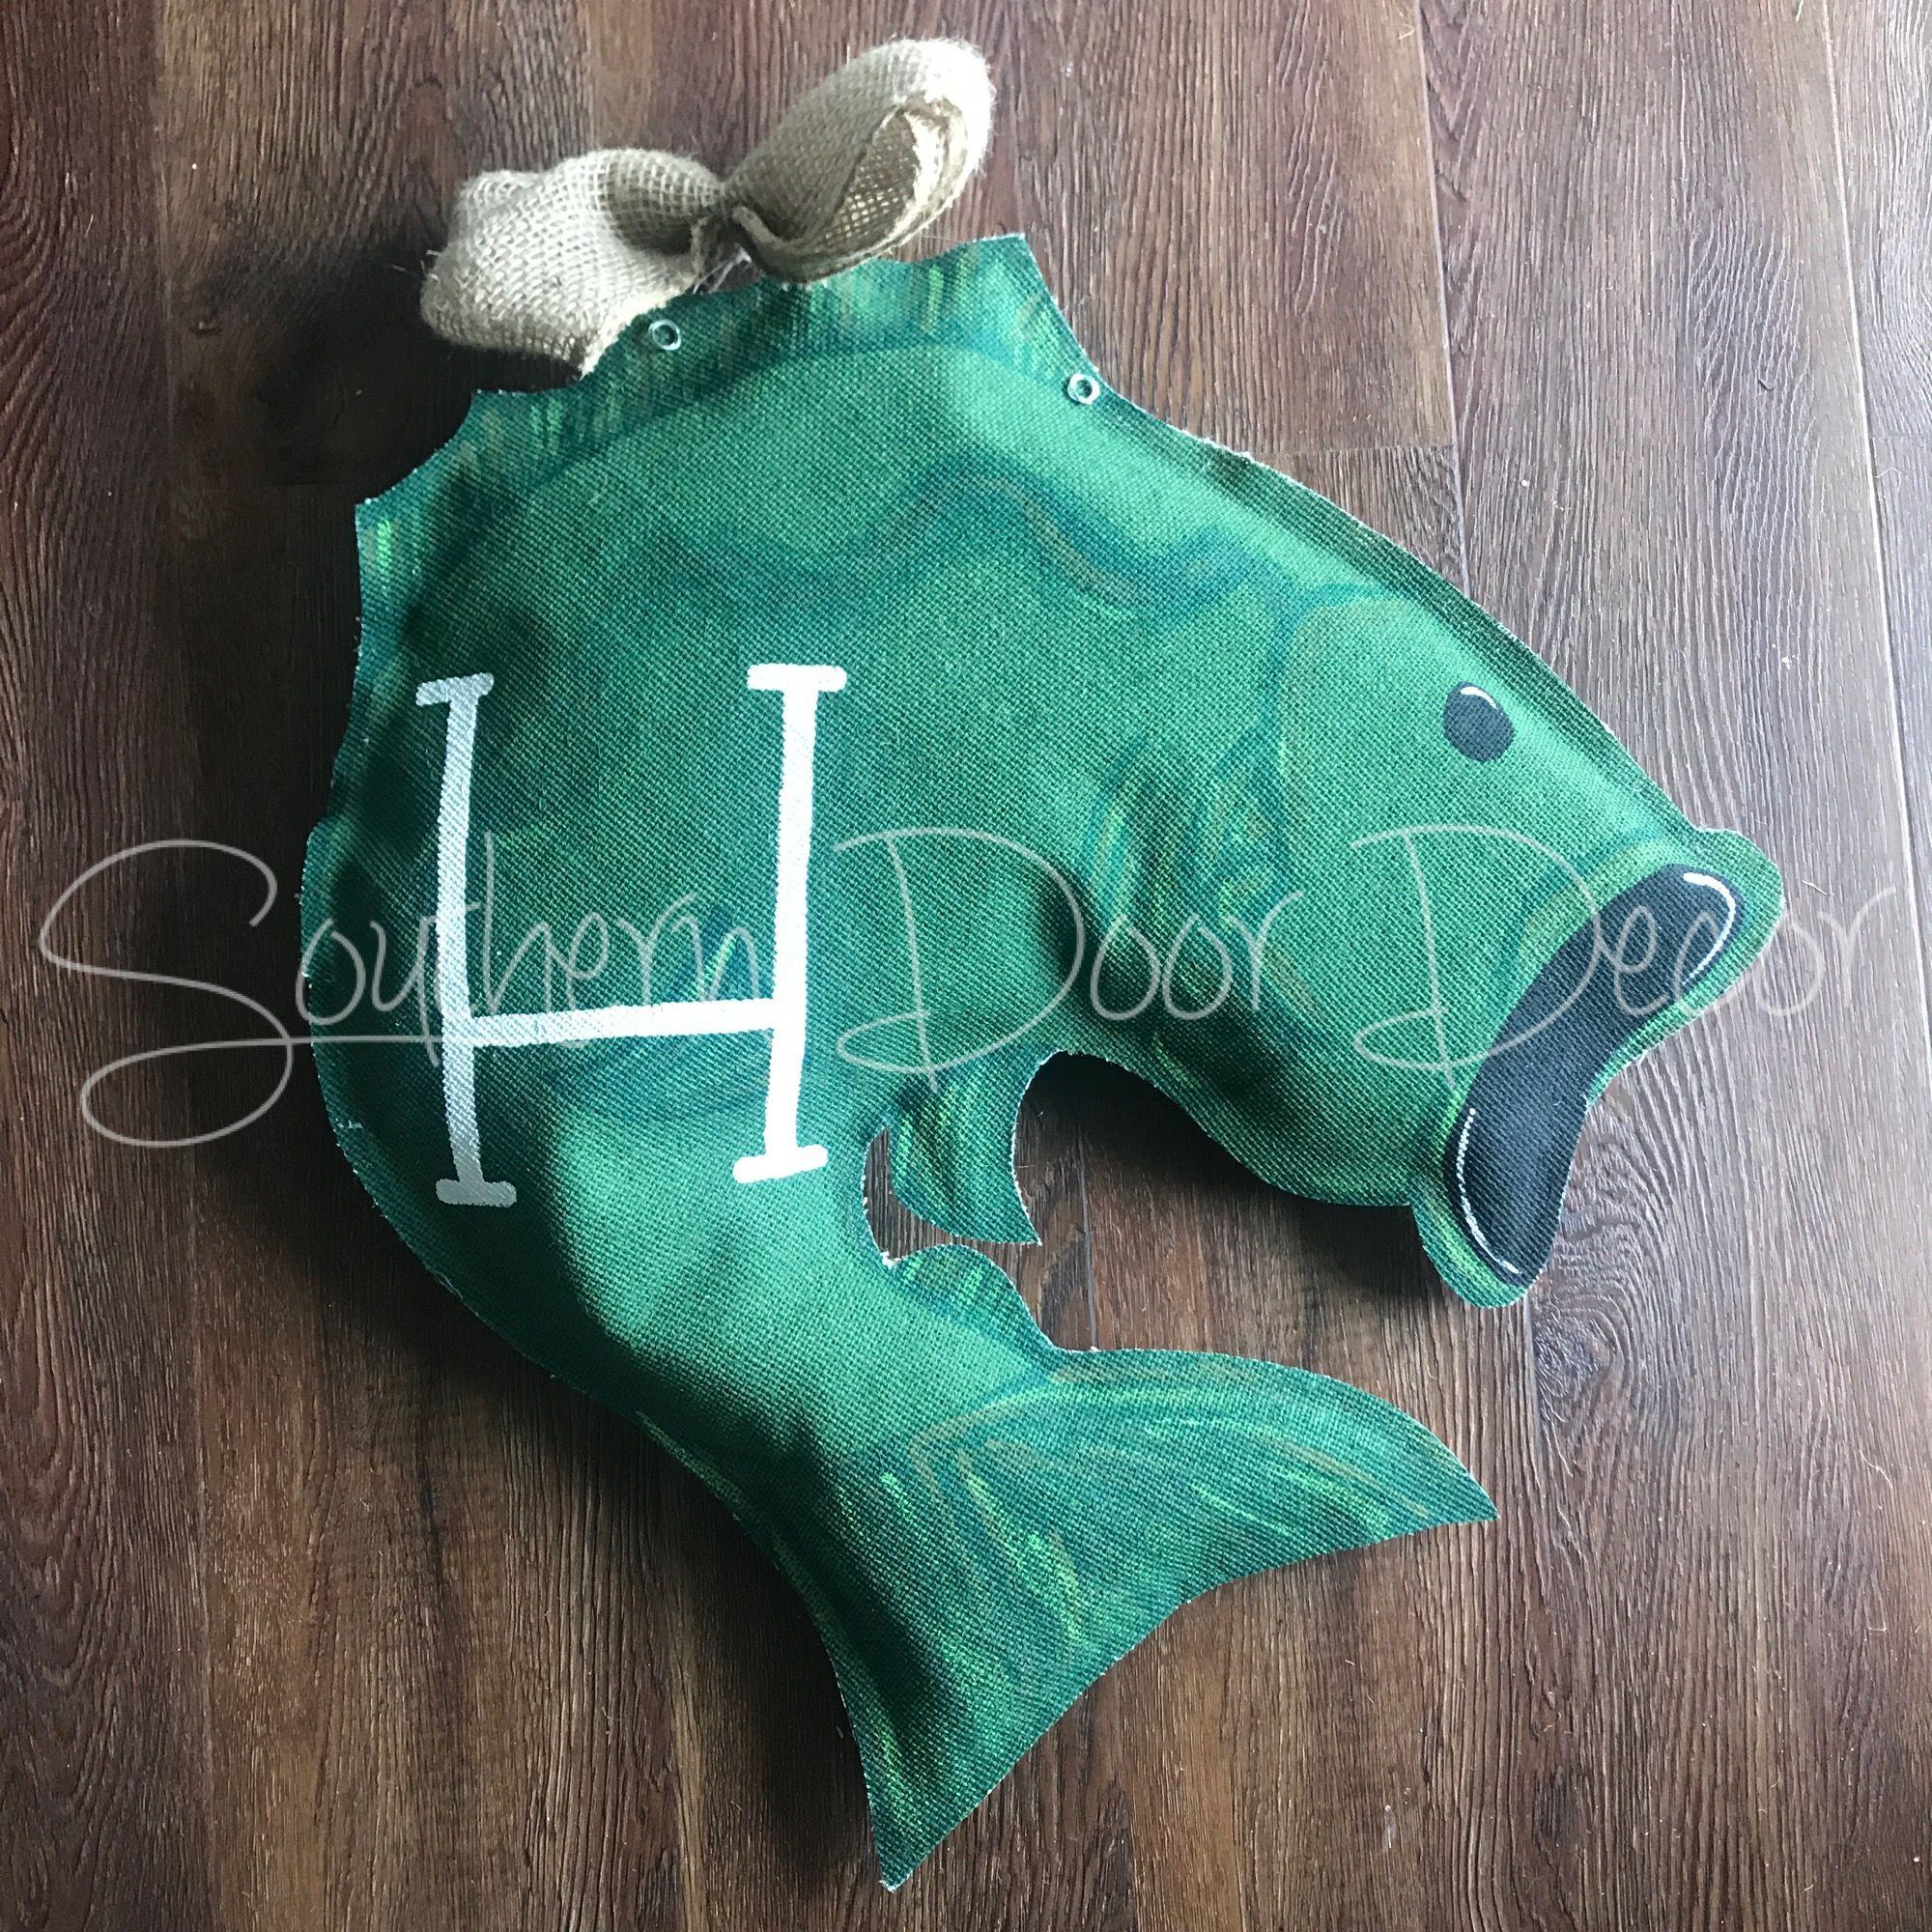 Bass Fish Door Hanger Door Hangers Burlap Door Hangers Recycled Plastic Bags